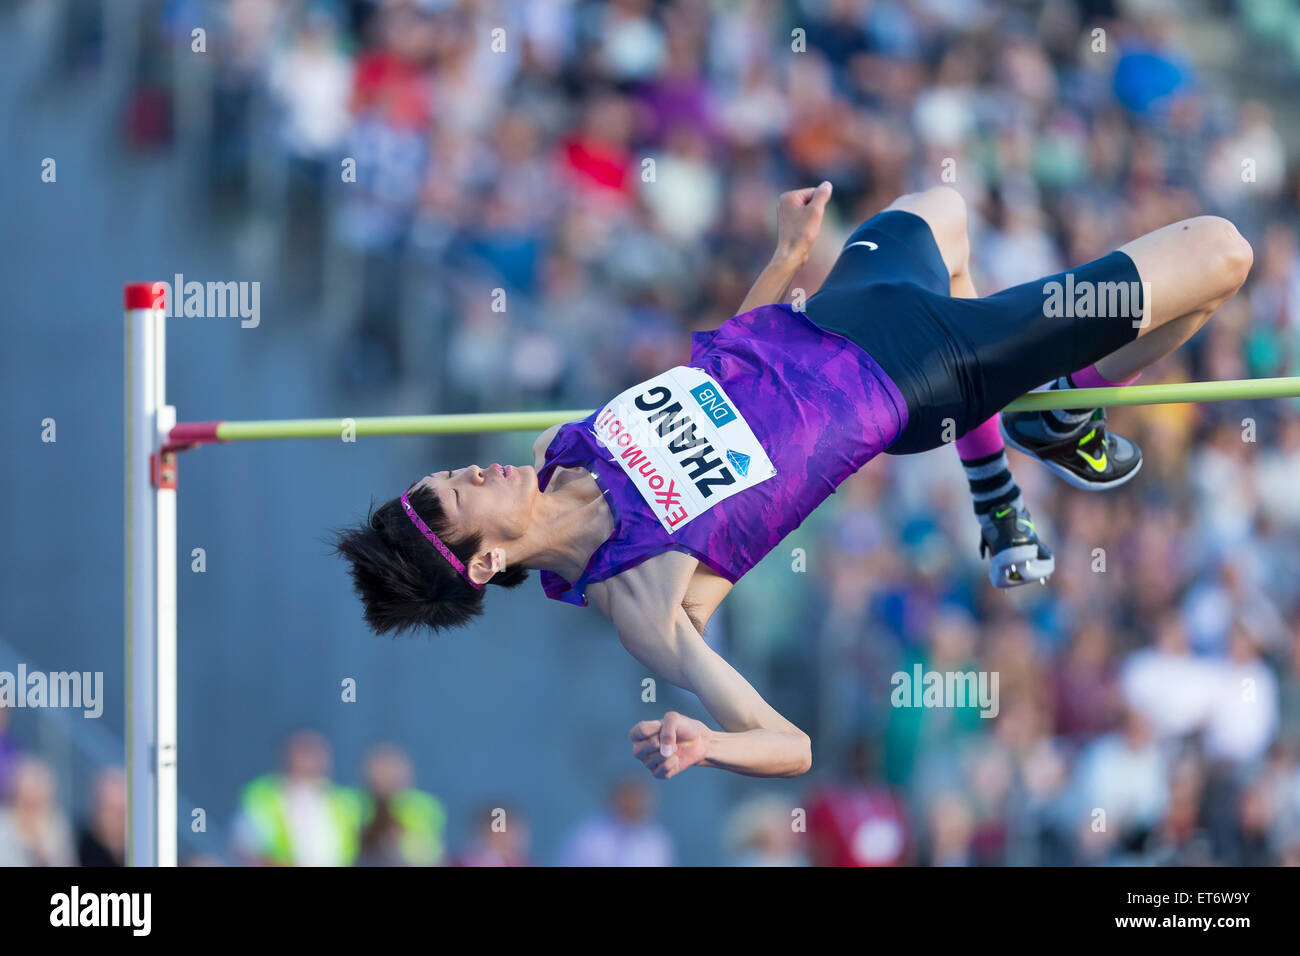 Oslo, Norvegia. 11 Giugno, 2015. Diamond League giochi Bislett Guowei Zhang di Cina compete in uomini salto in alto Immagini Stock